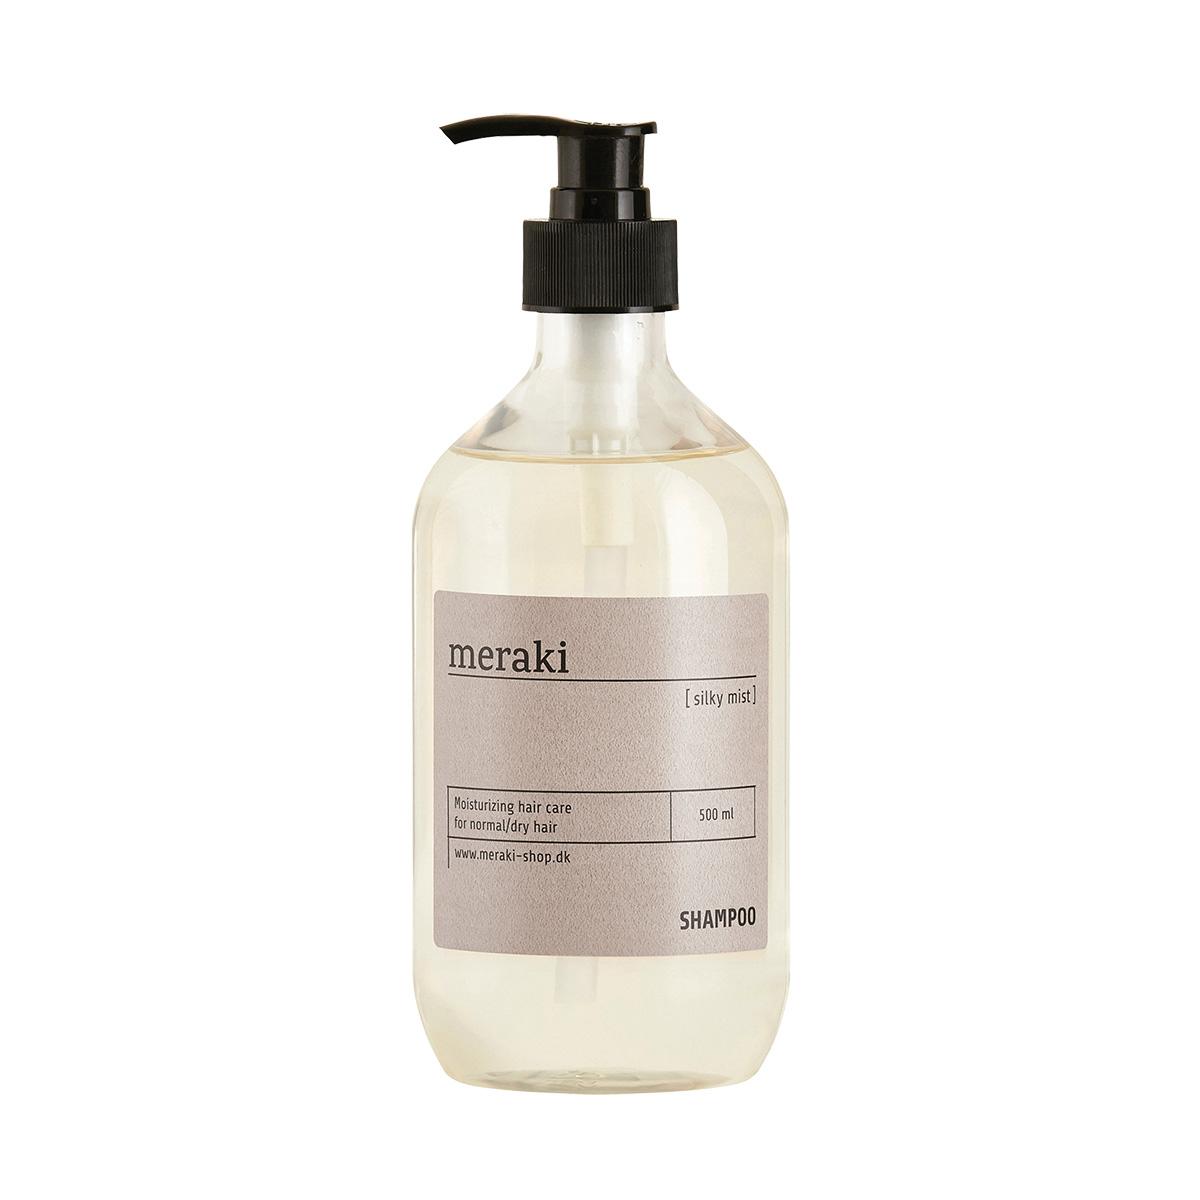 Shampoo, Silky mist